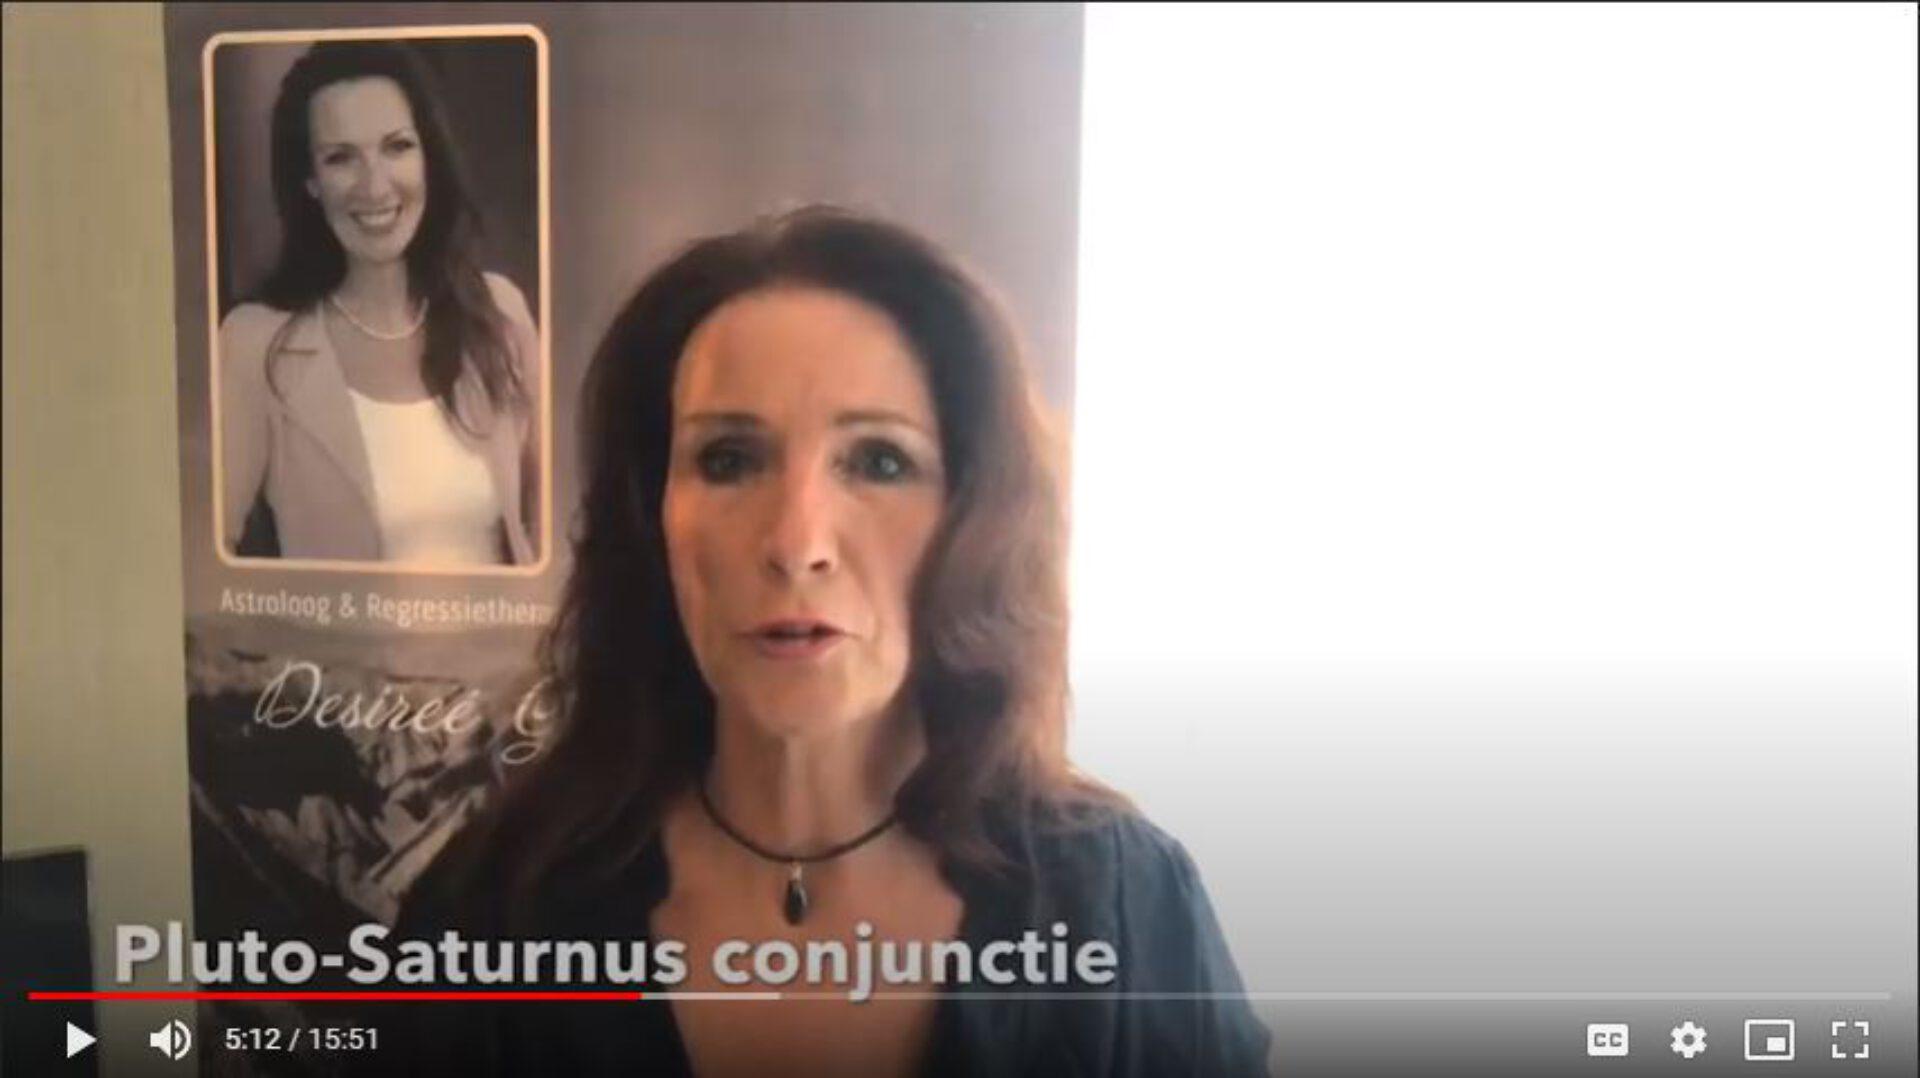 VIDEO: Definitief op weg naar de 5de dimensie